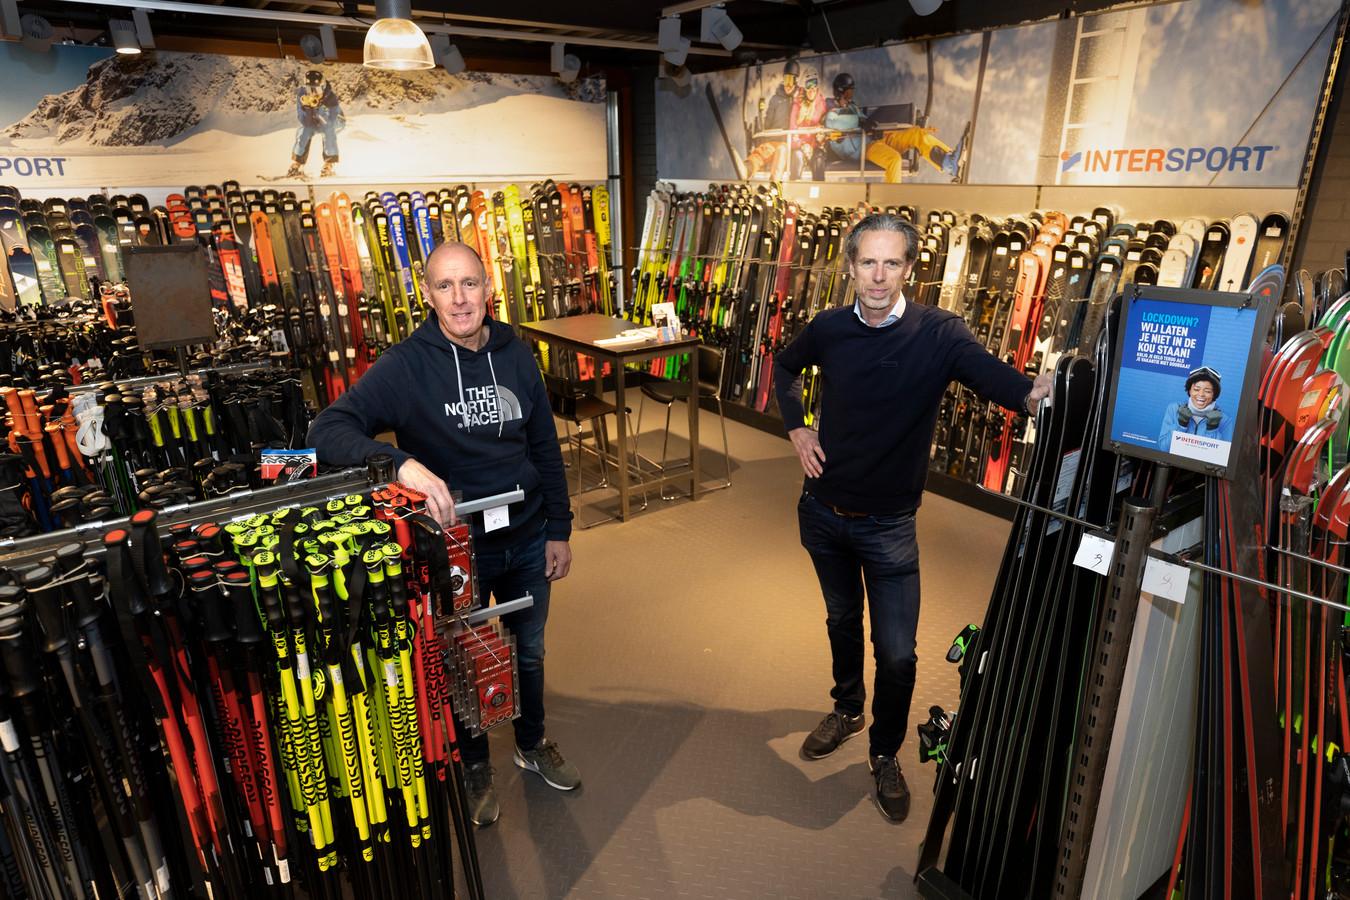 Geert van der Velden (links) en Johan van den Broek van sportwinkel Intersport voor een wand vol onverkoopbare ski's.